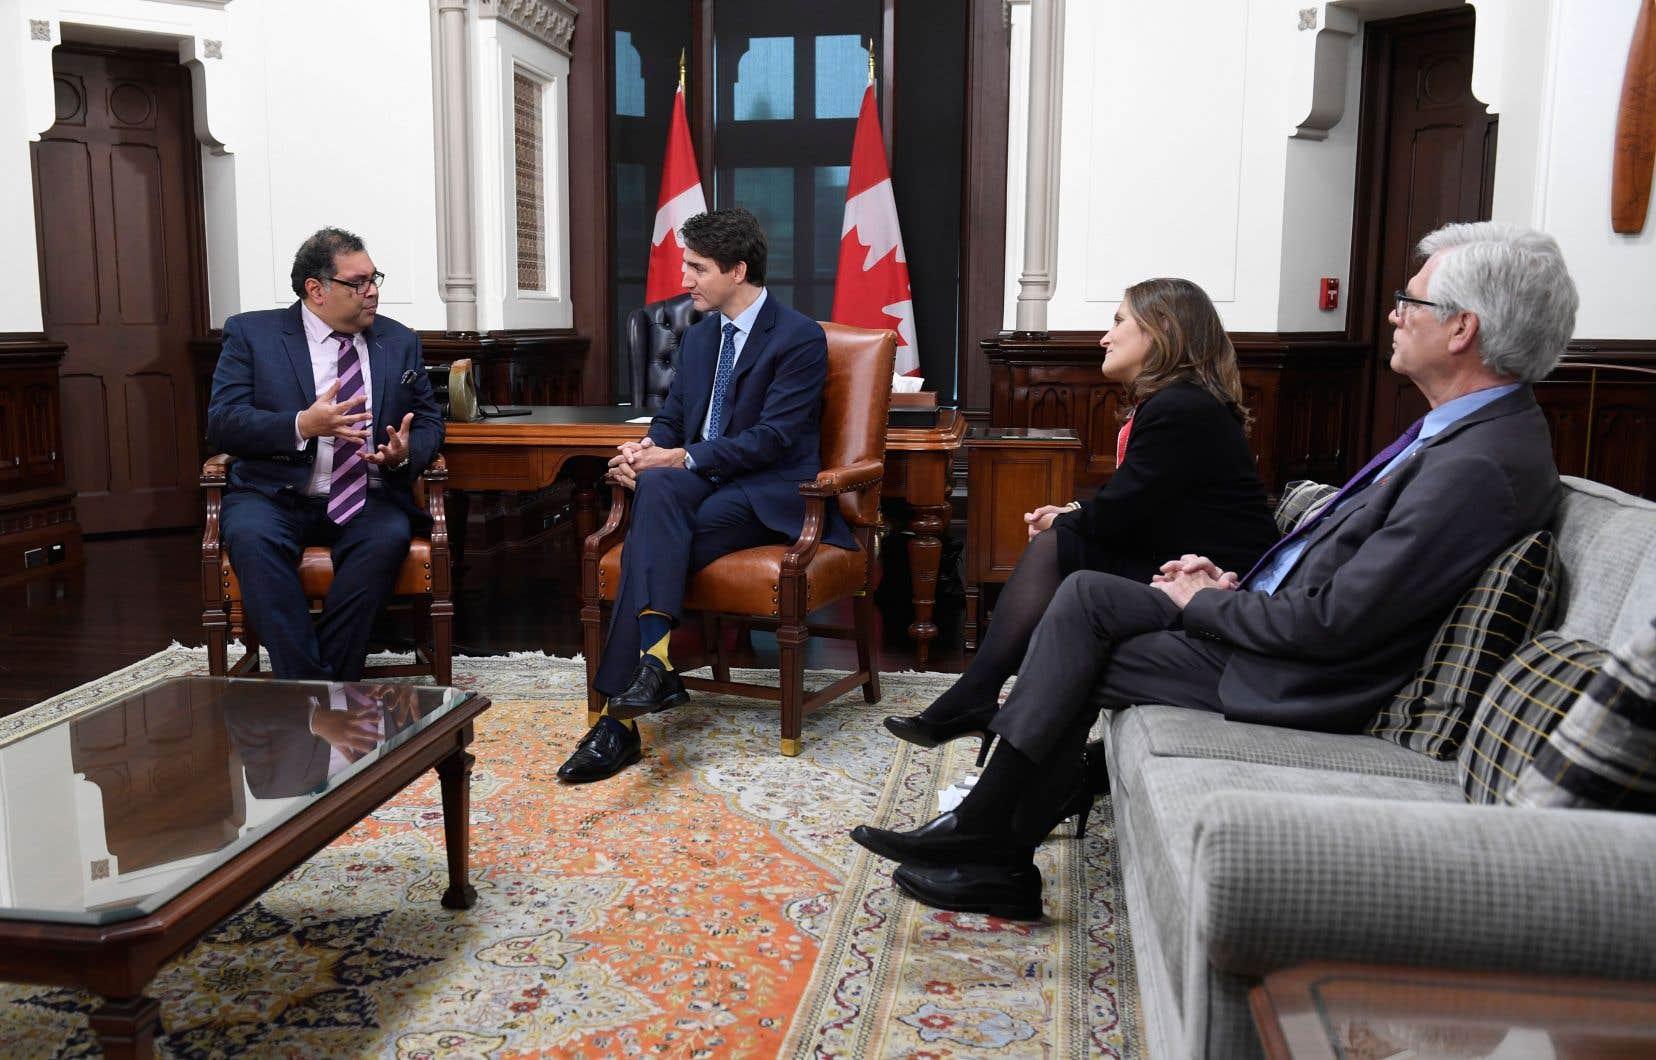 Le premier ministre Justin Trudeau, accompagné de Chrystia Freeland et de Jim Carr, a rencontré jeudi le maire de Calgary, Naheed Nenshi (à gauche), à qui il a confié être disposé à «améliorer» le système d'évaluation environnementale des projets pétroliers.